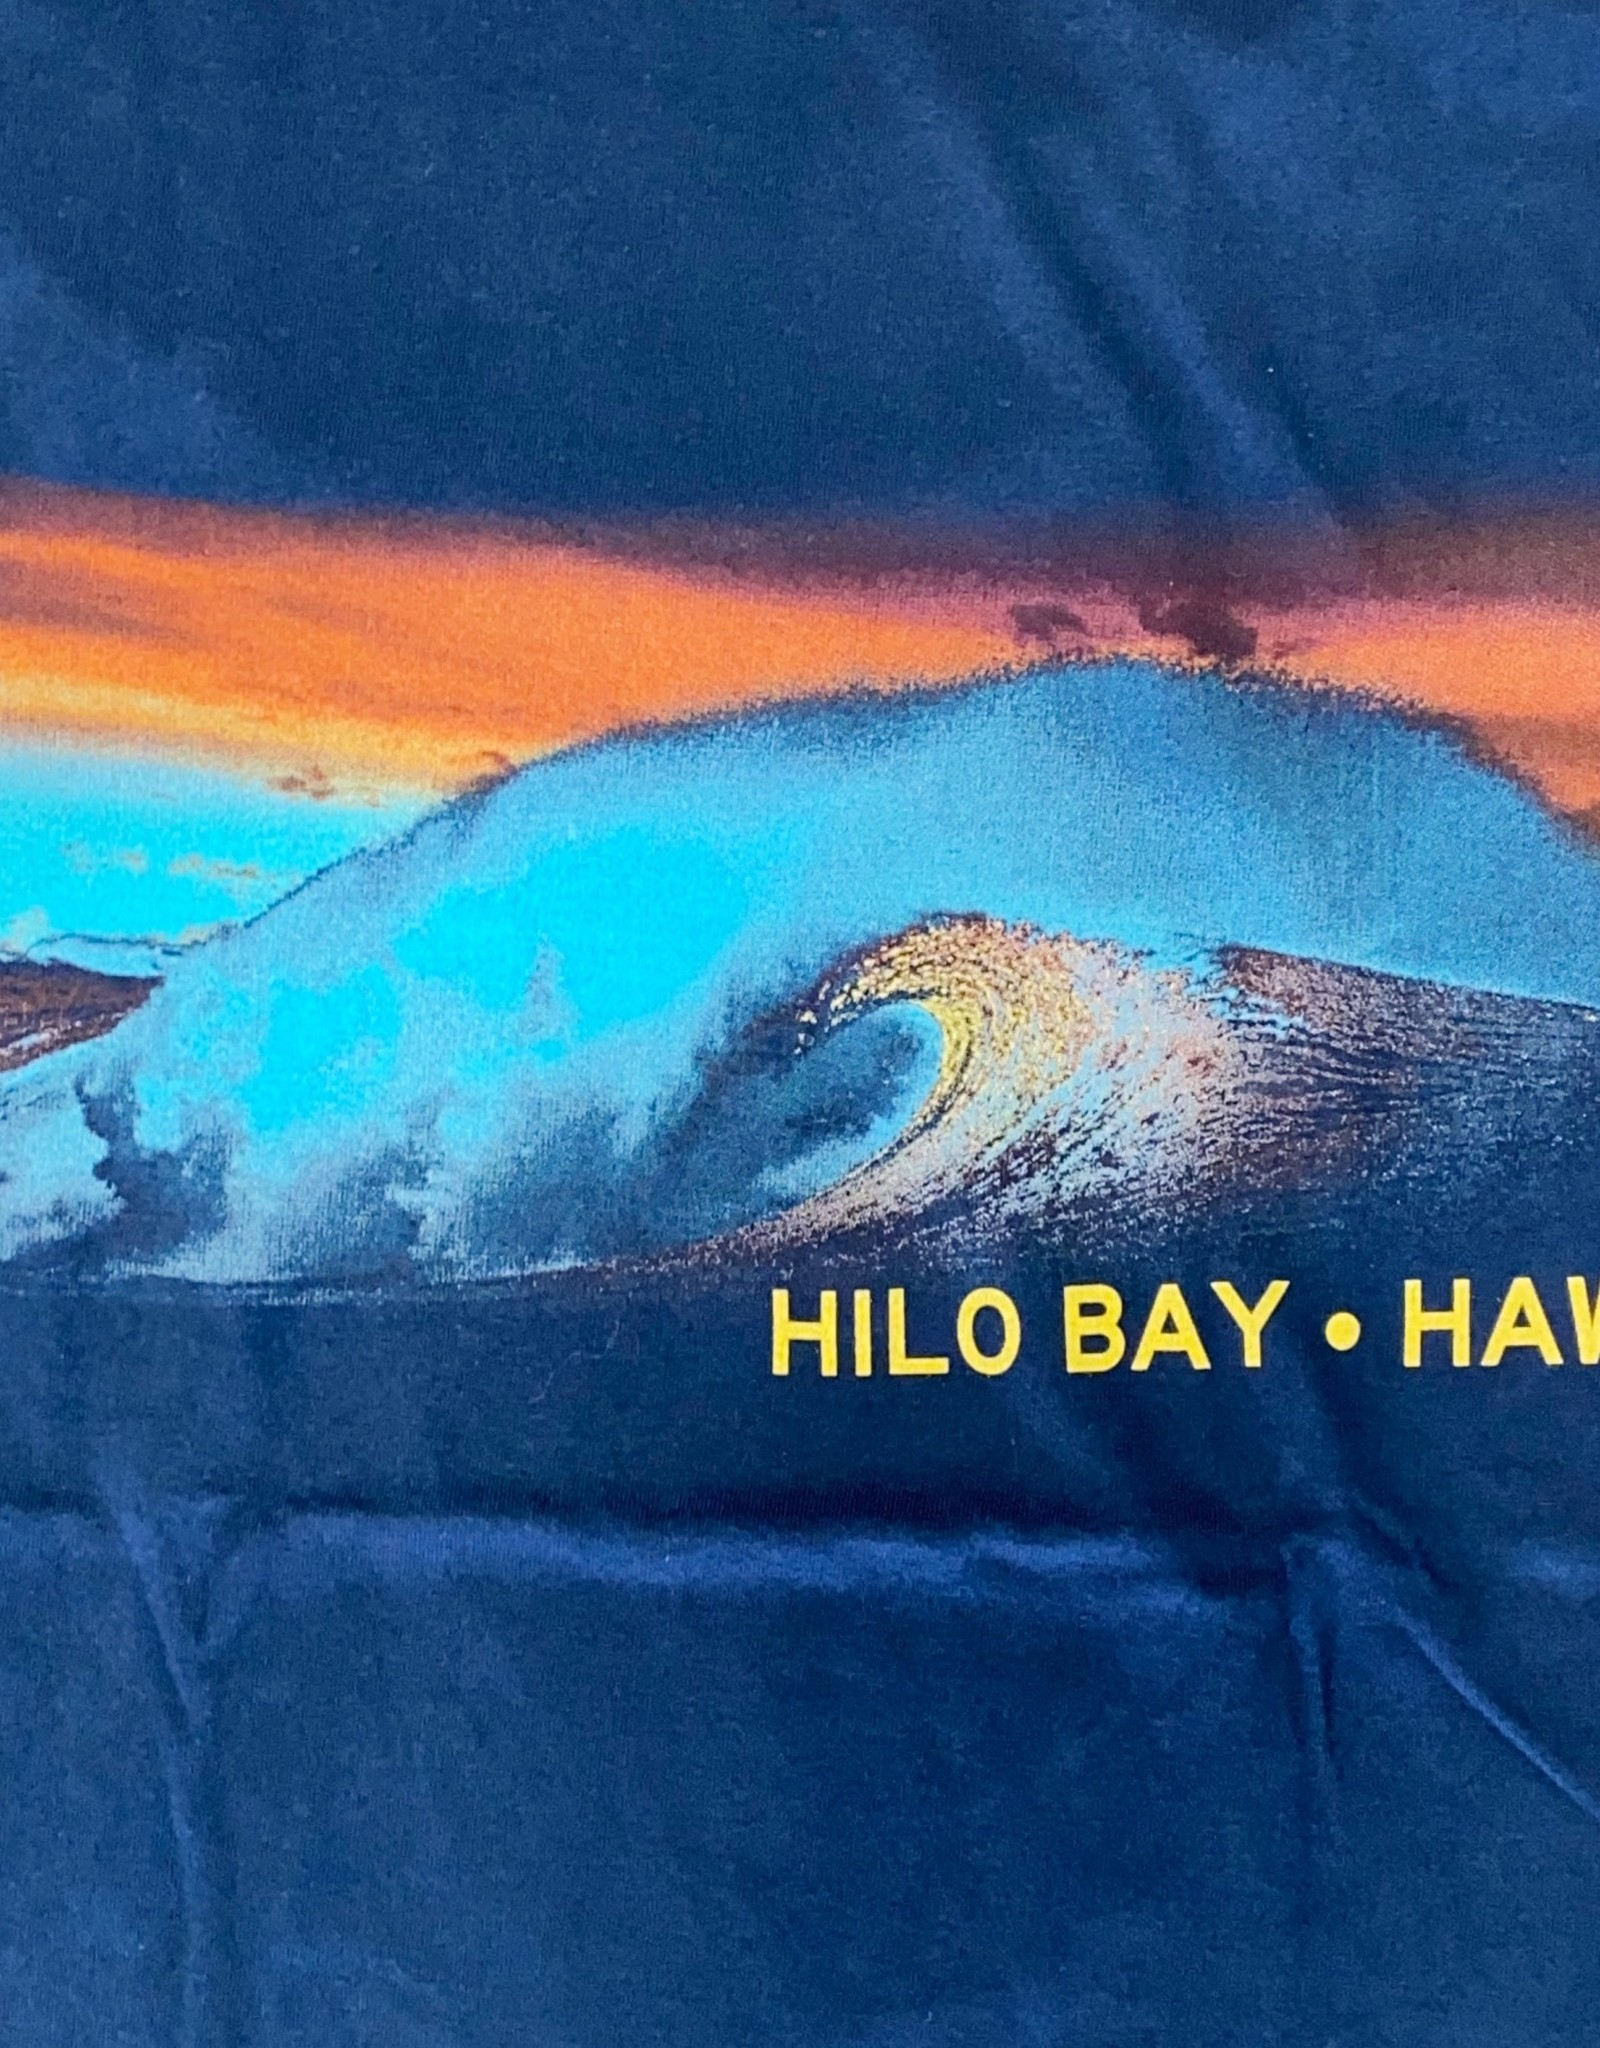 Blue 84 Cogwheel Waves Hilo Bay Hawaii